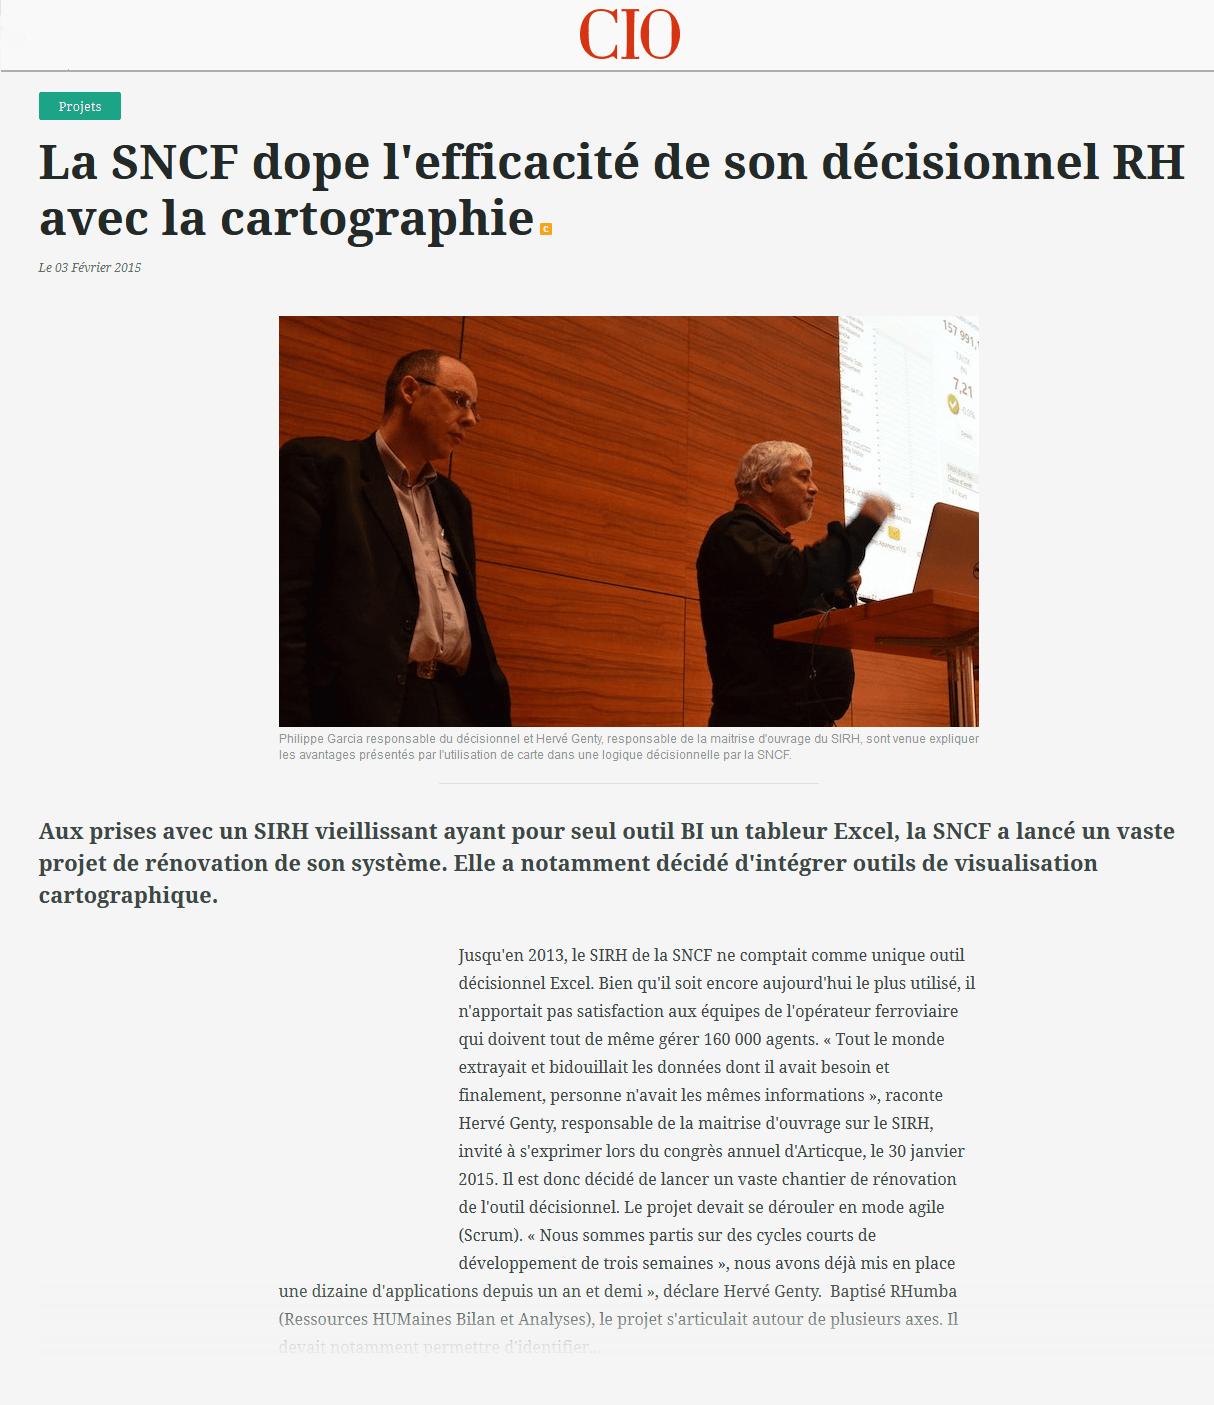 CIO_SNCF et AMAP_03-02-2015